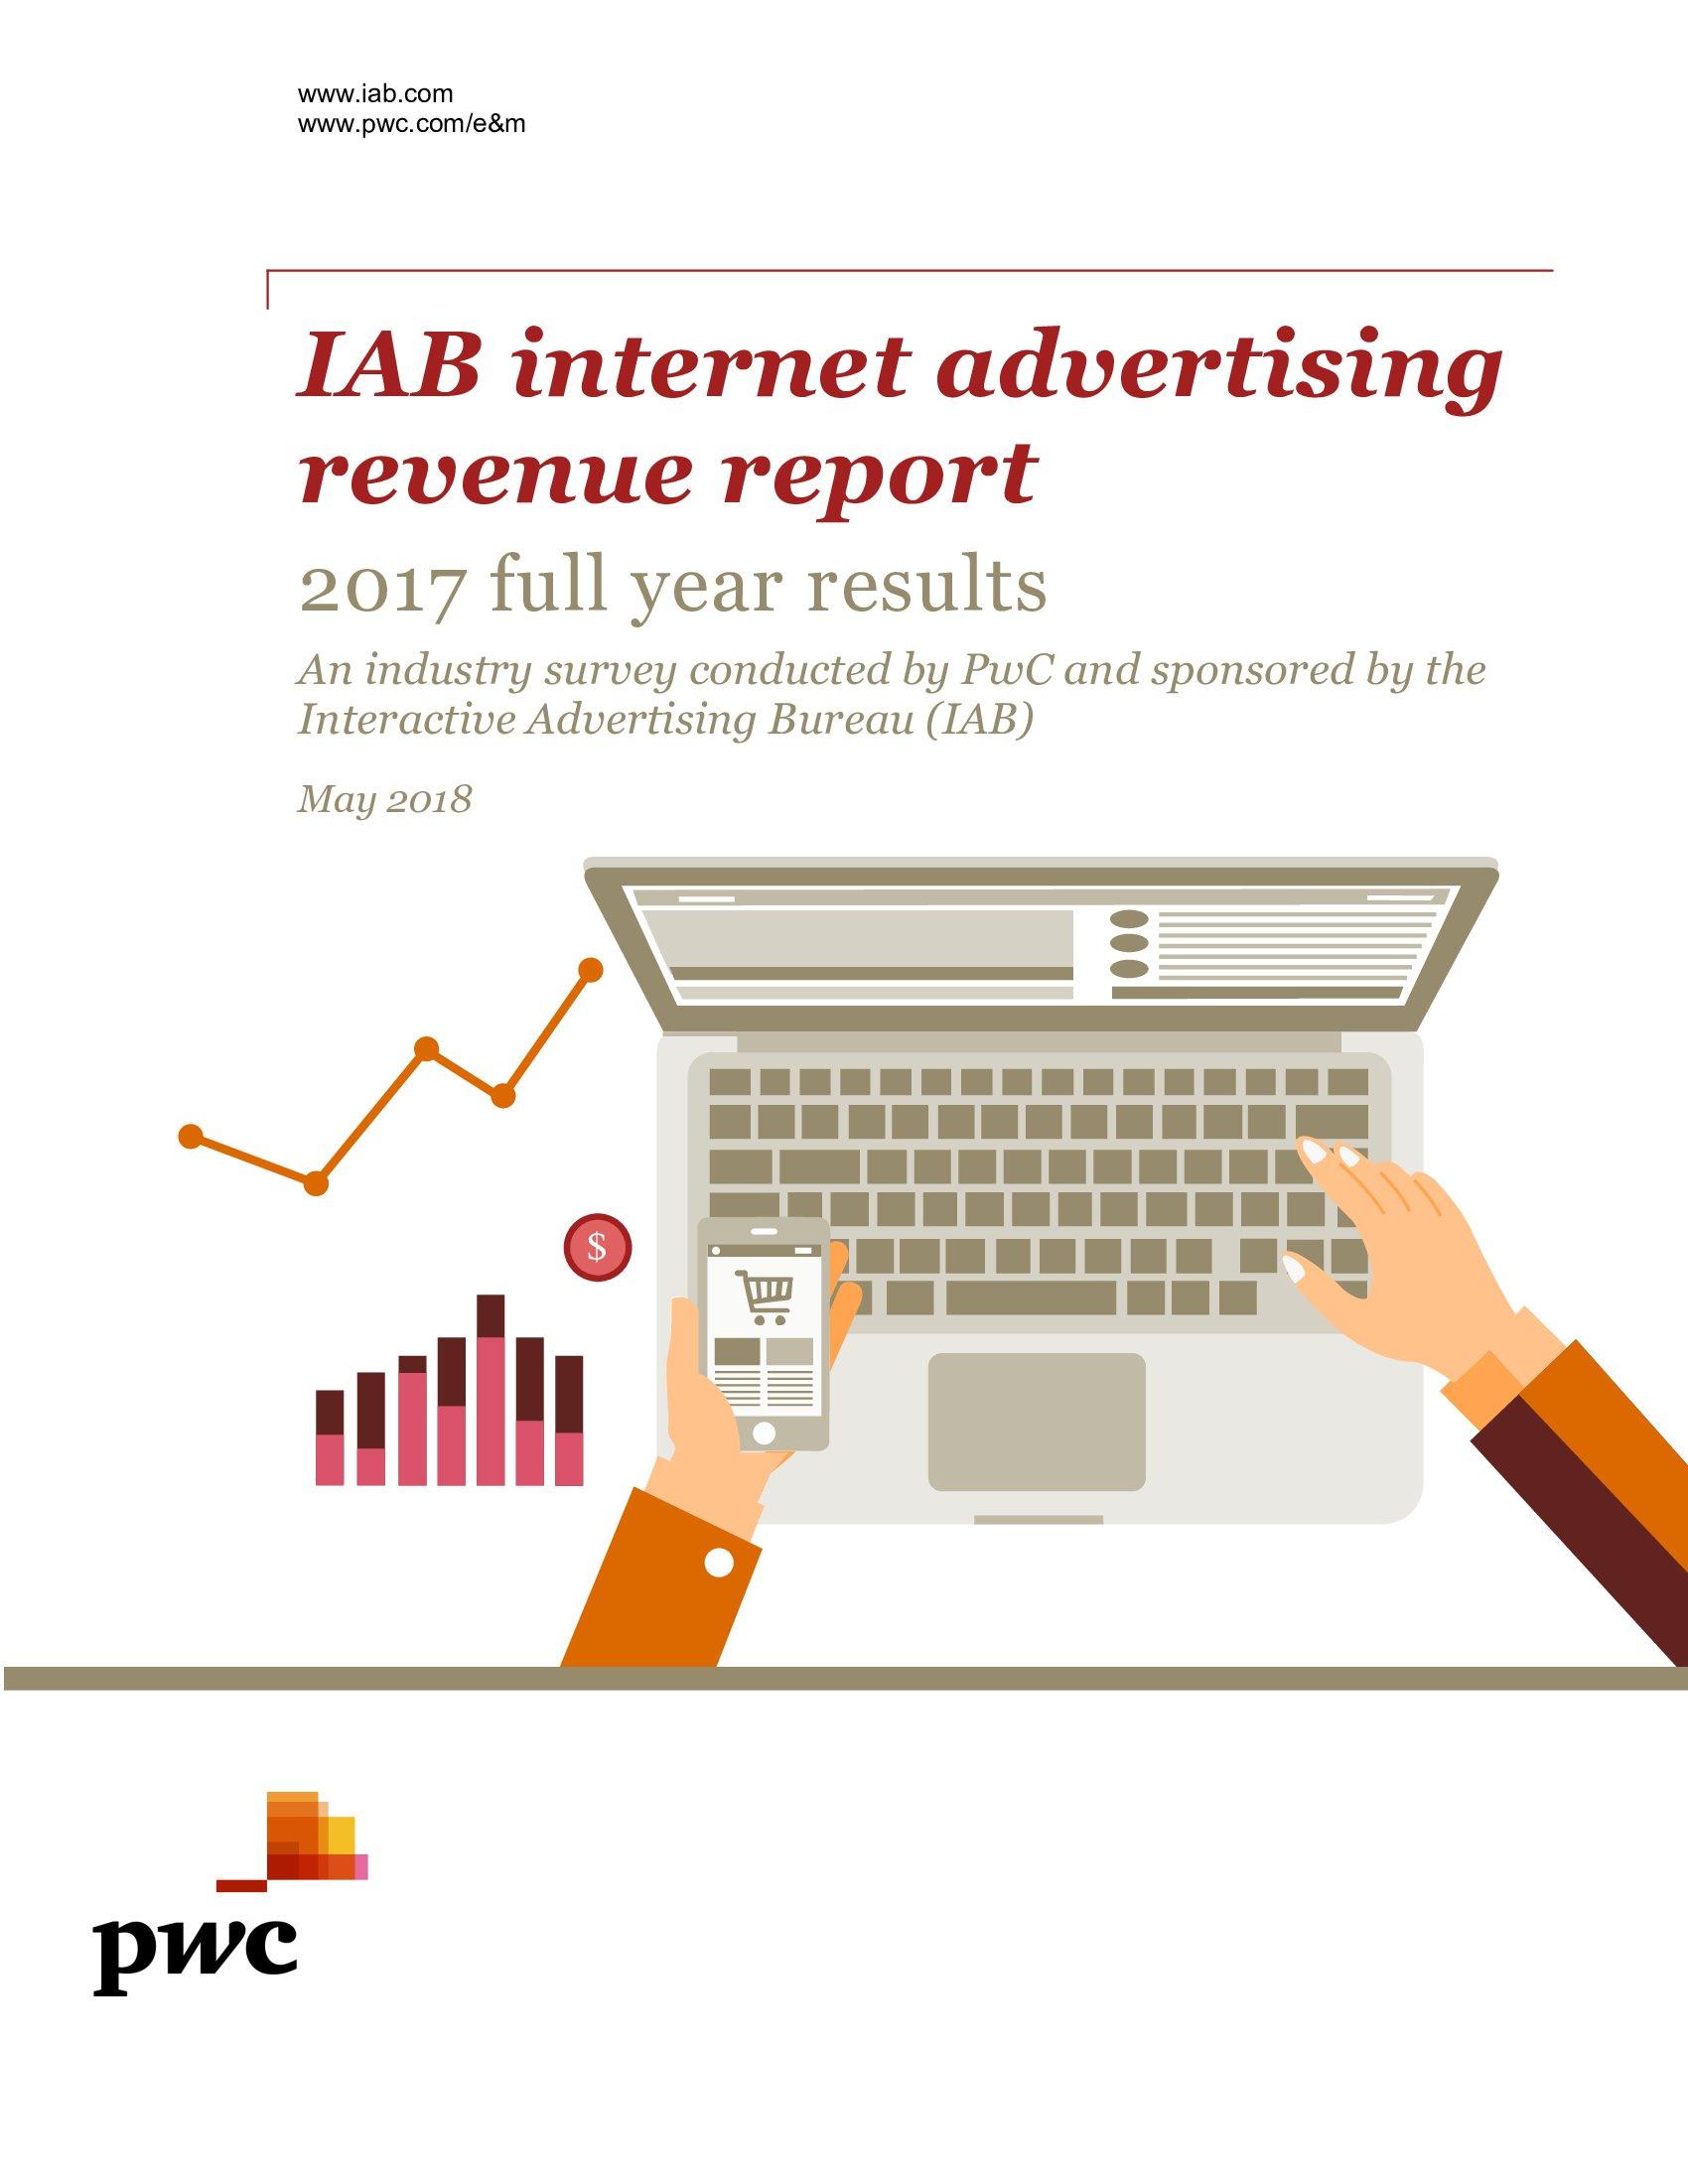 IAB:2017年美国网络广告收入报告